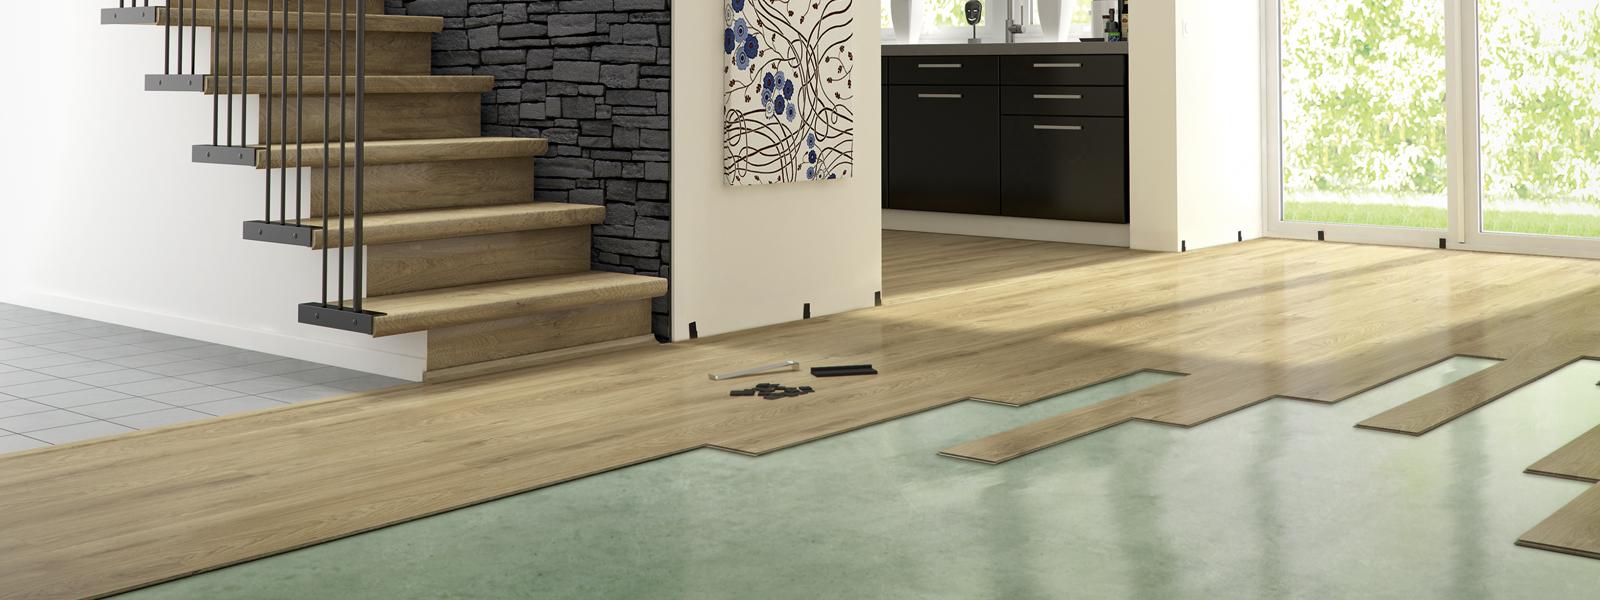 pvc schwimmend verlegen stunning laminat auf teppich verlegen schn pvc auf teppich with pvc. Black Bedroom Furniture Sets. Home Design Ideas